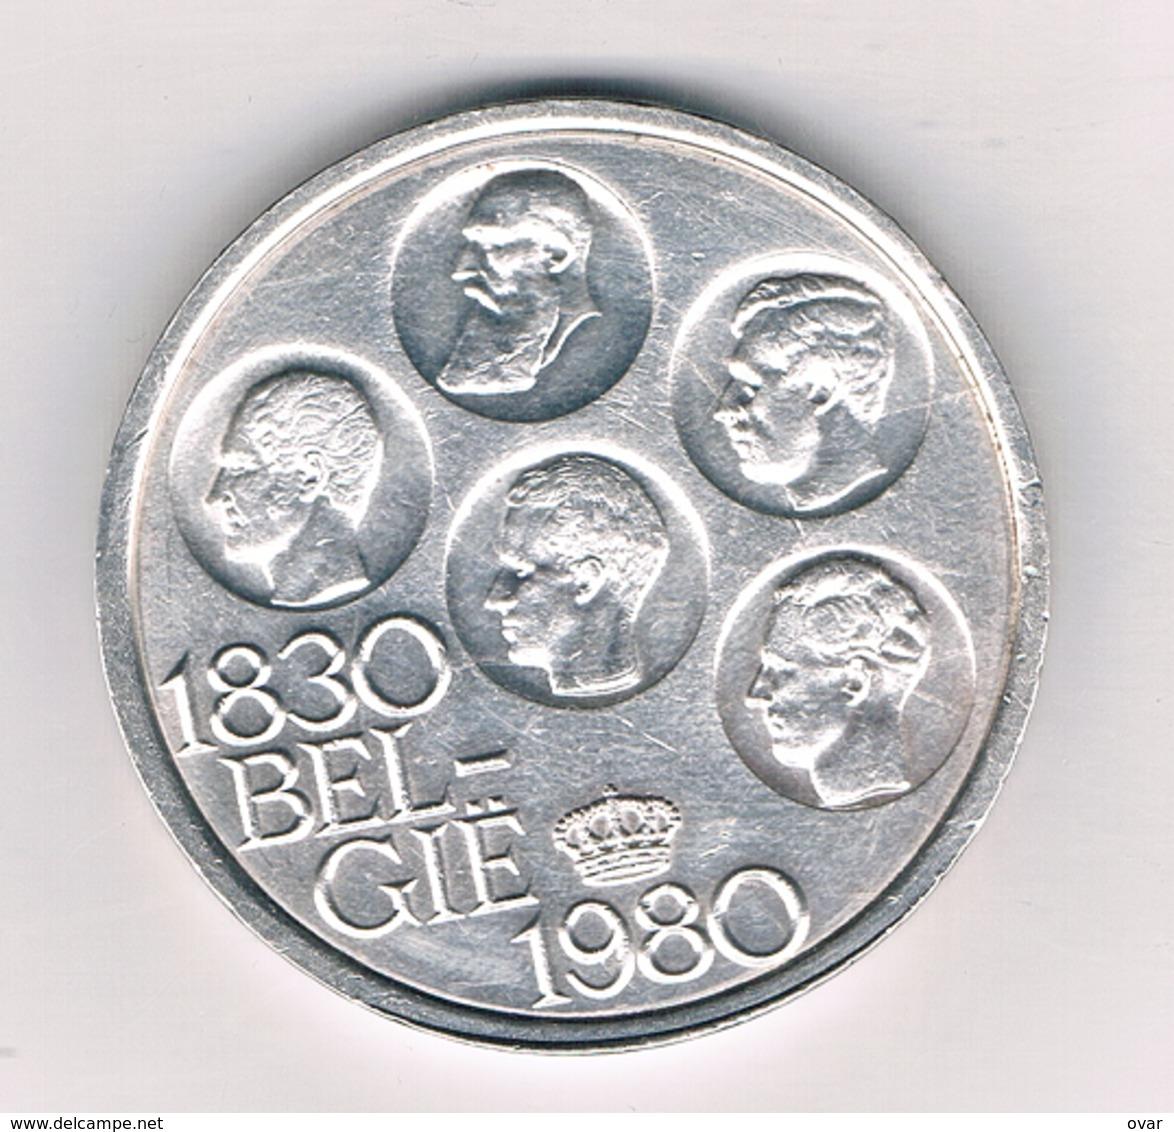 500 FRANK 1980 VL BELGIE /8888/ - 11. 500 Francs